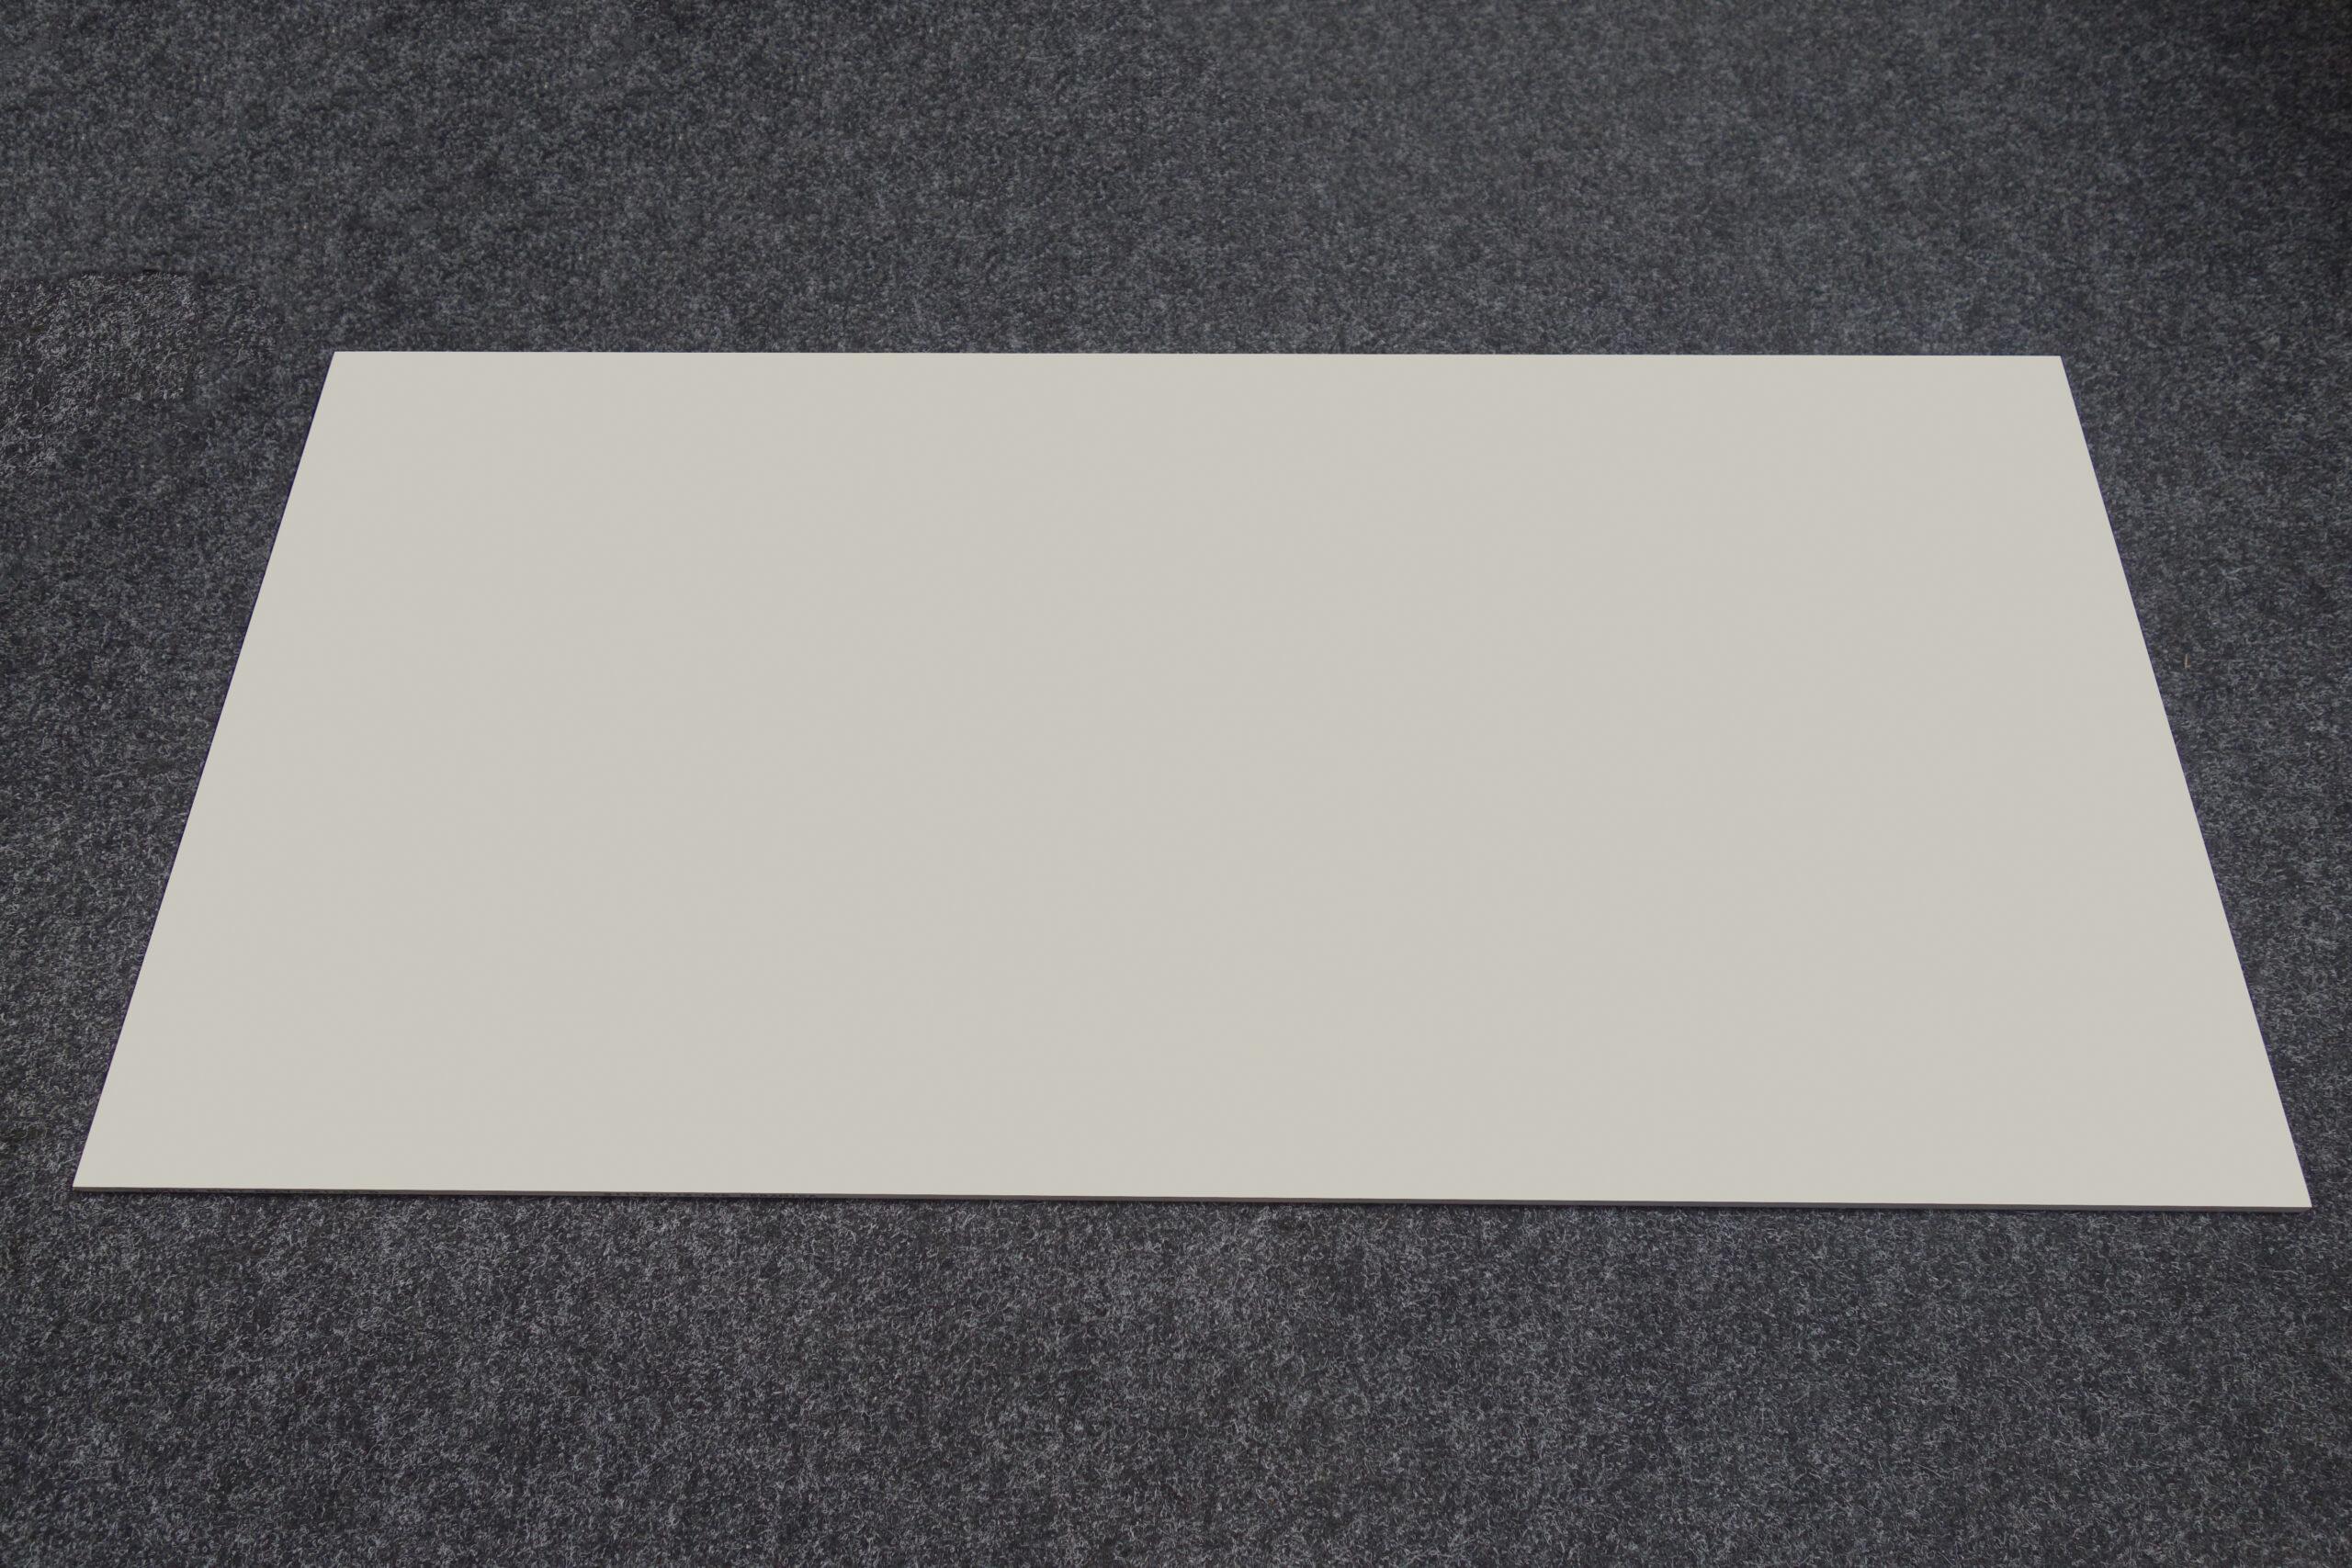 płytki szare monokolor 120x60